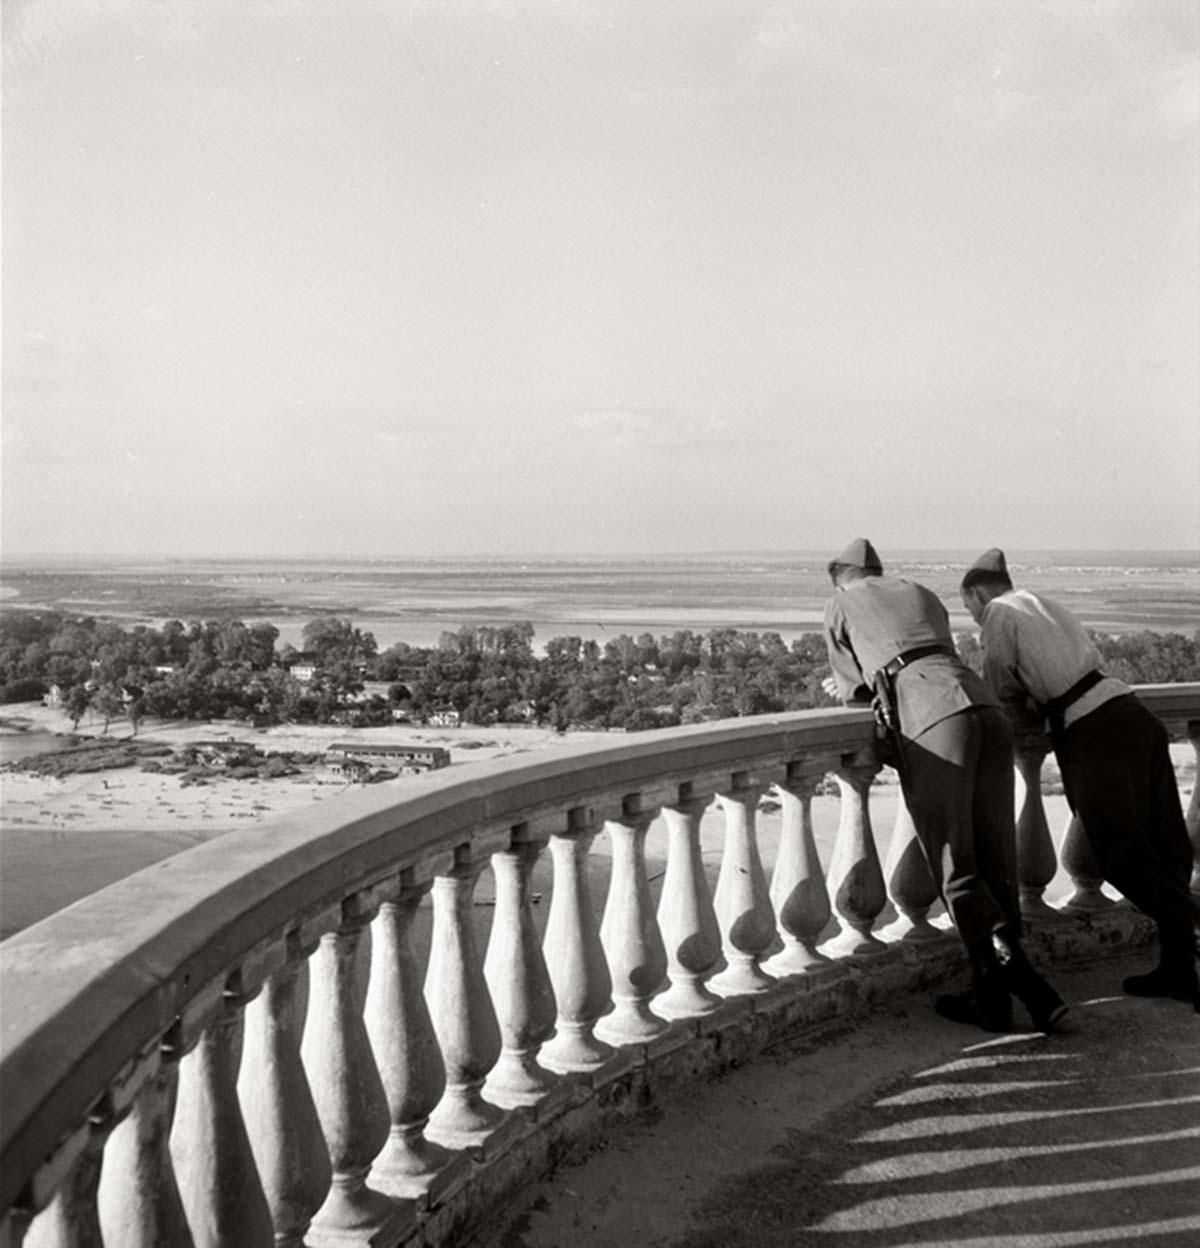 Dos soldados de Wehrmachts en un punto de vista del Dnpr cerca de Kiev.